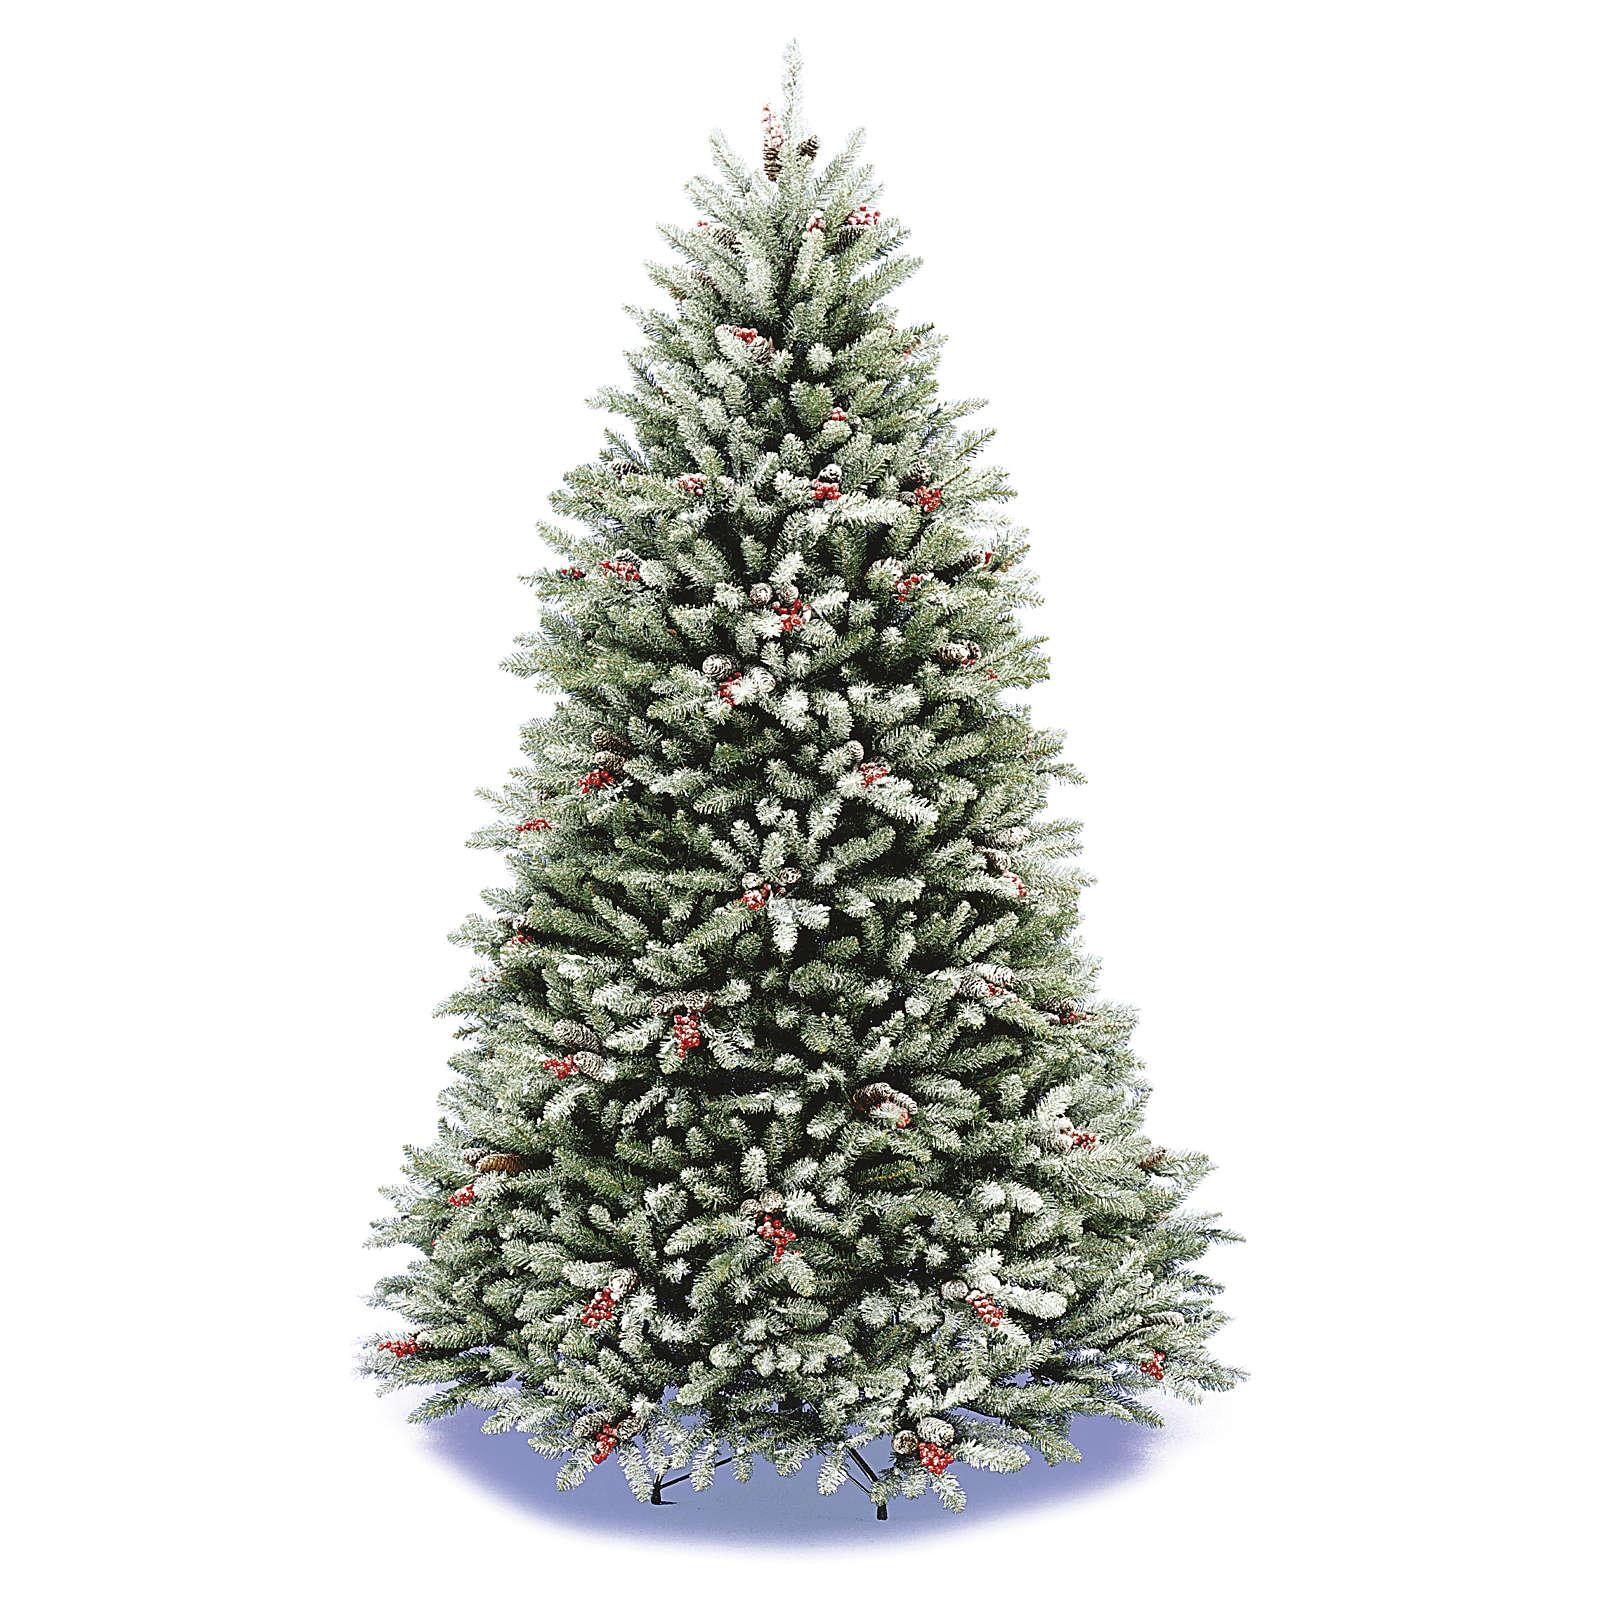 Sapin De Noel 240 Sapin de Noël 240 cm neige baies et pommes pin Dunhill | vente en